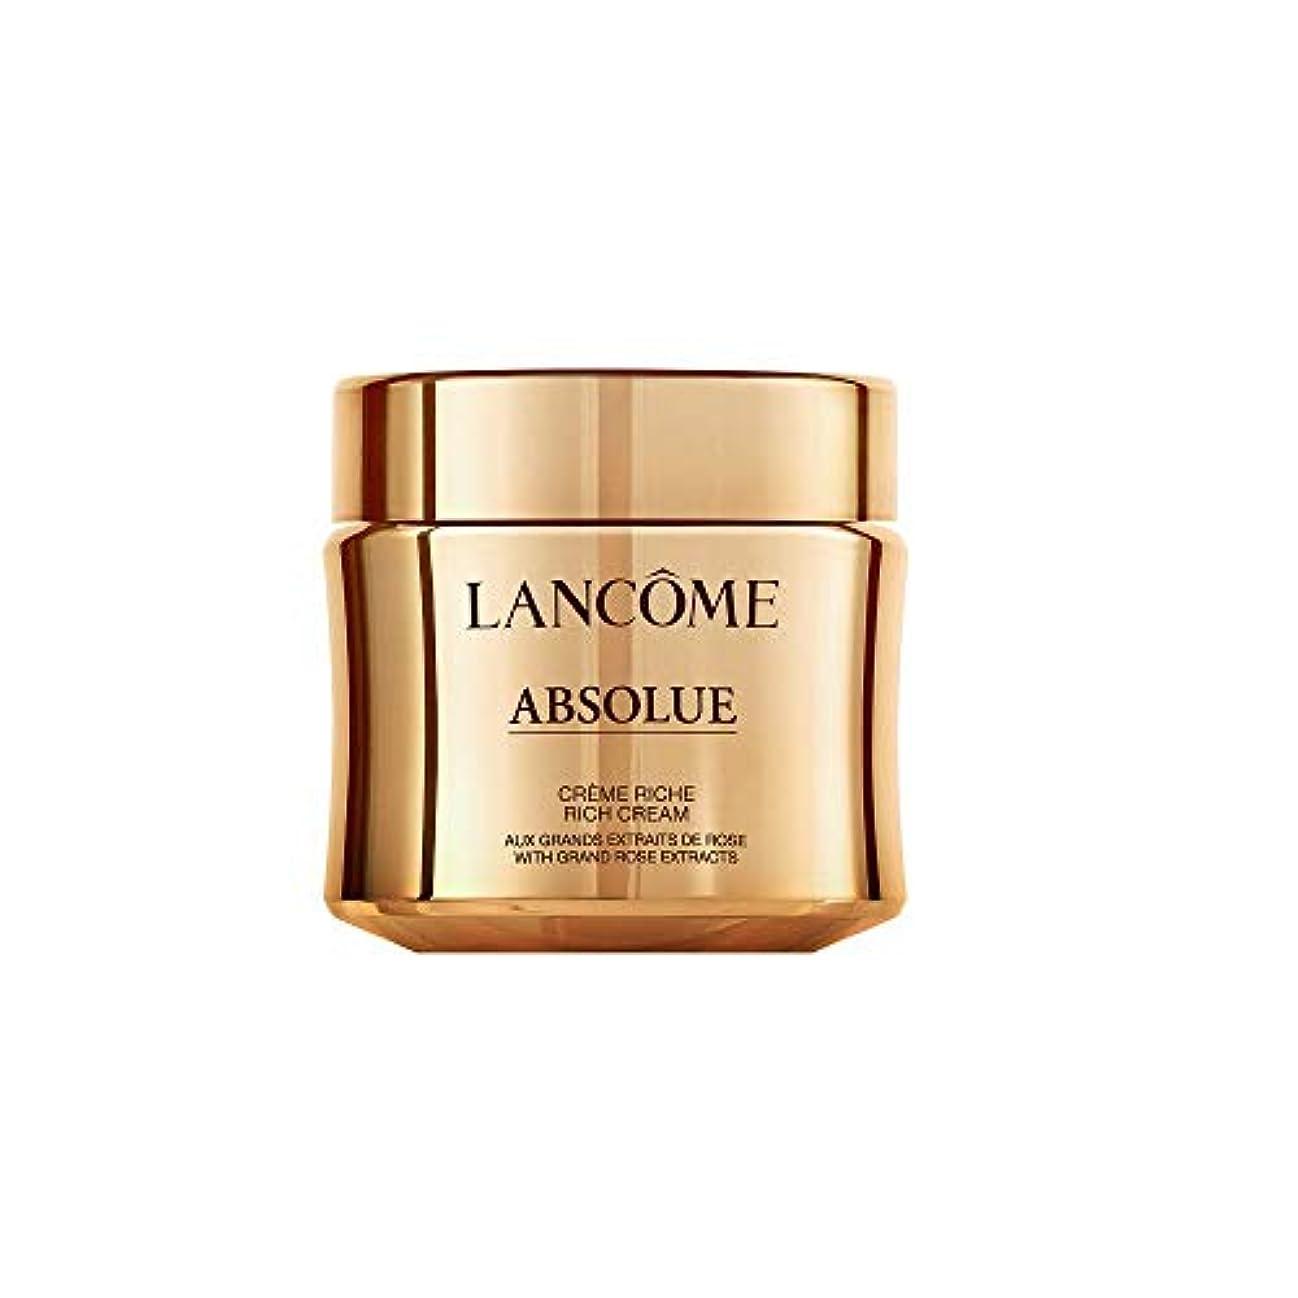 届ける入学する移植Lancome Absolue Rich Cream ランコム アプソリュ リッチクリーム 60ml